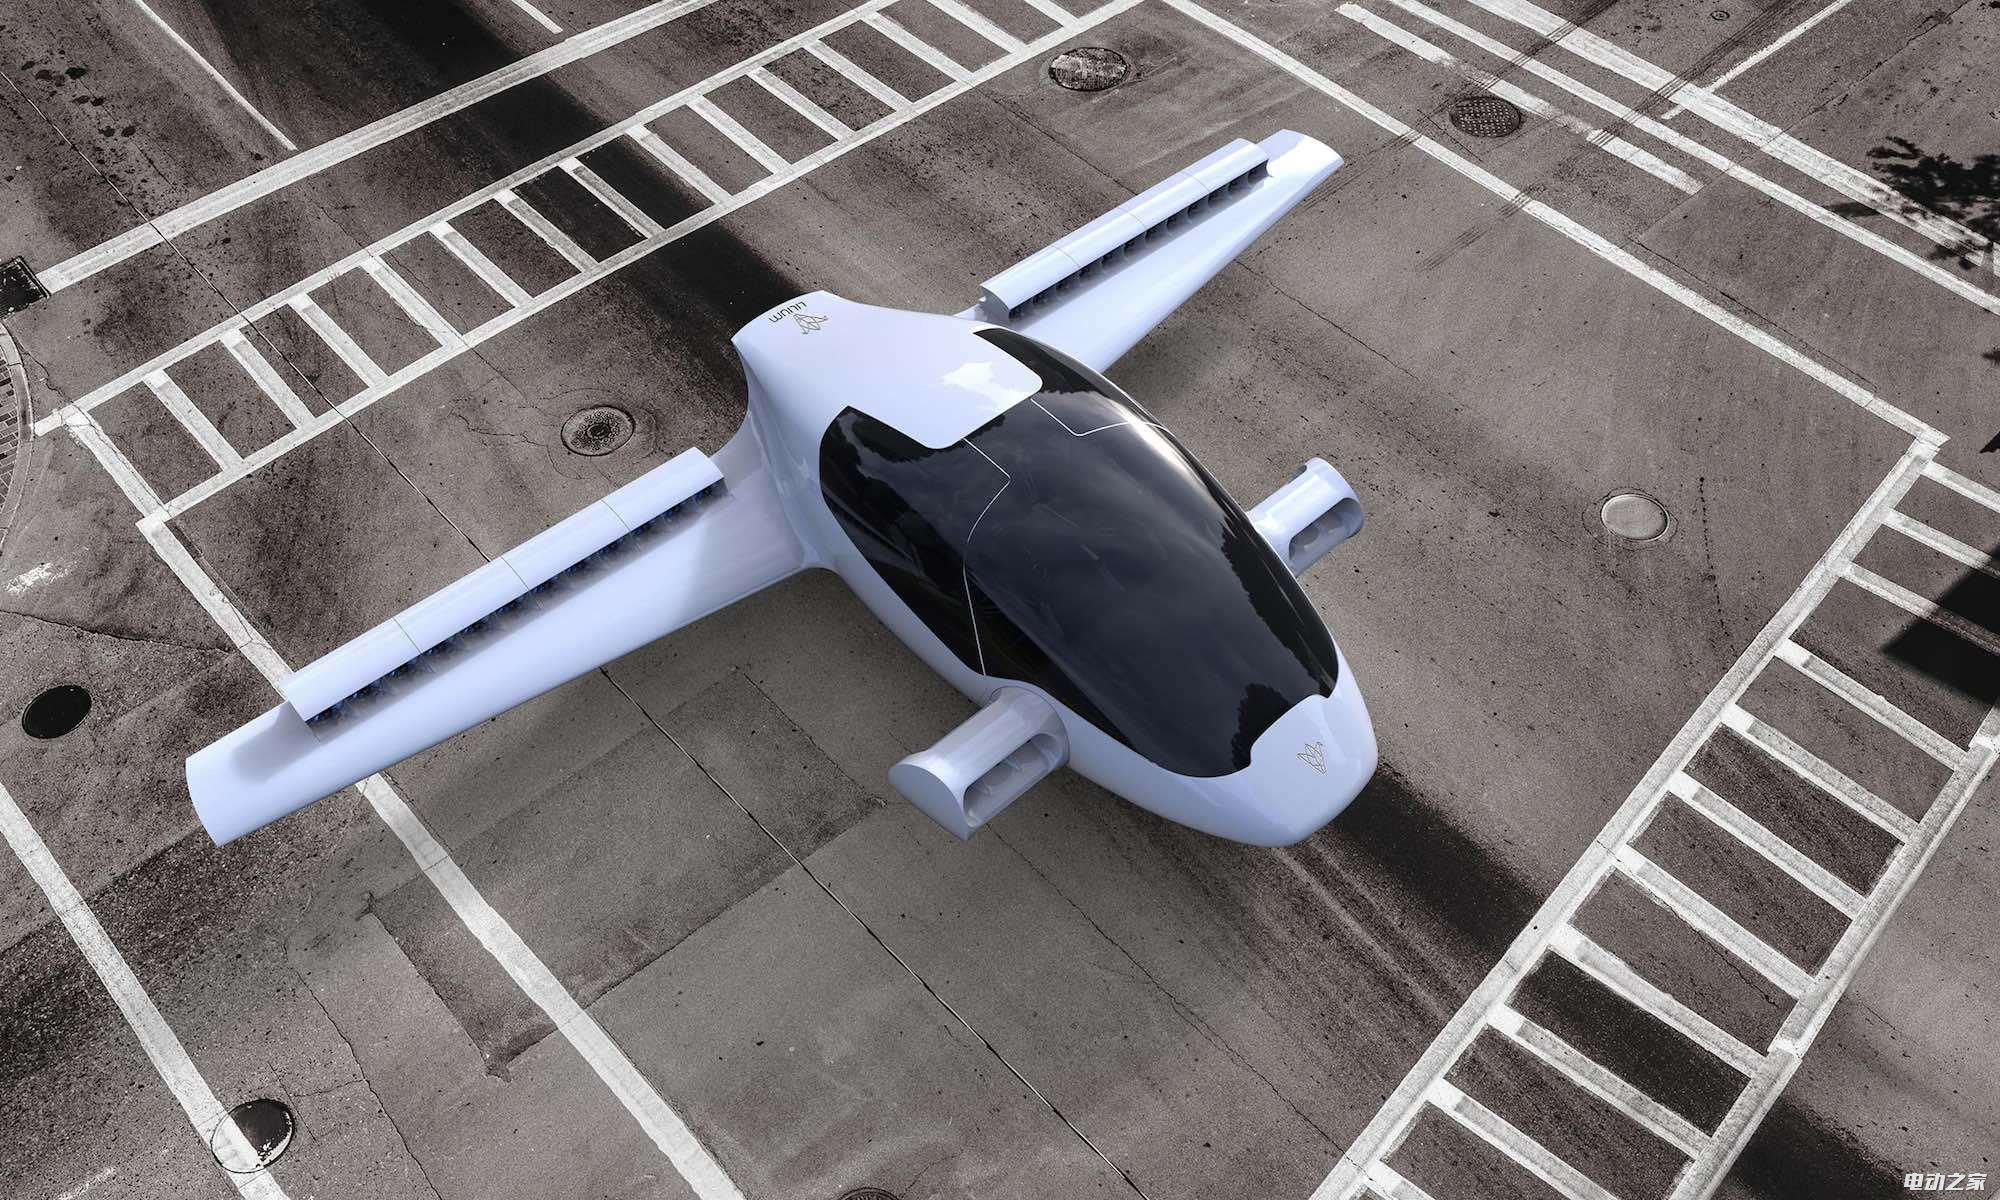 德国Lilium Jet垂直起降纯电动飞机试飞成功!2018年出售